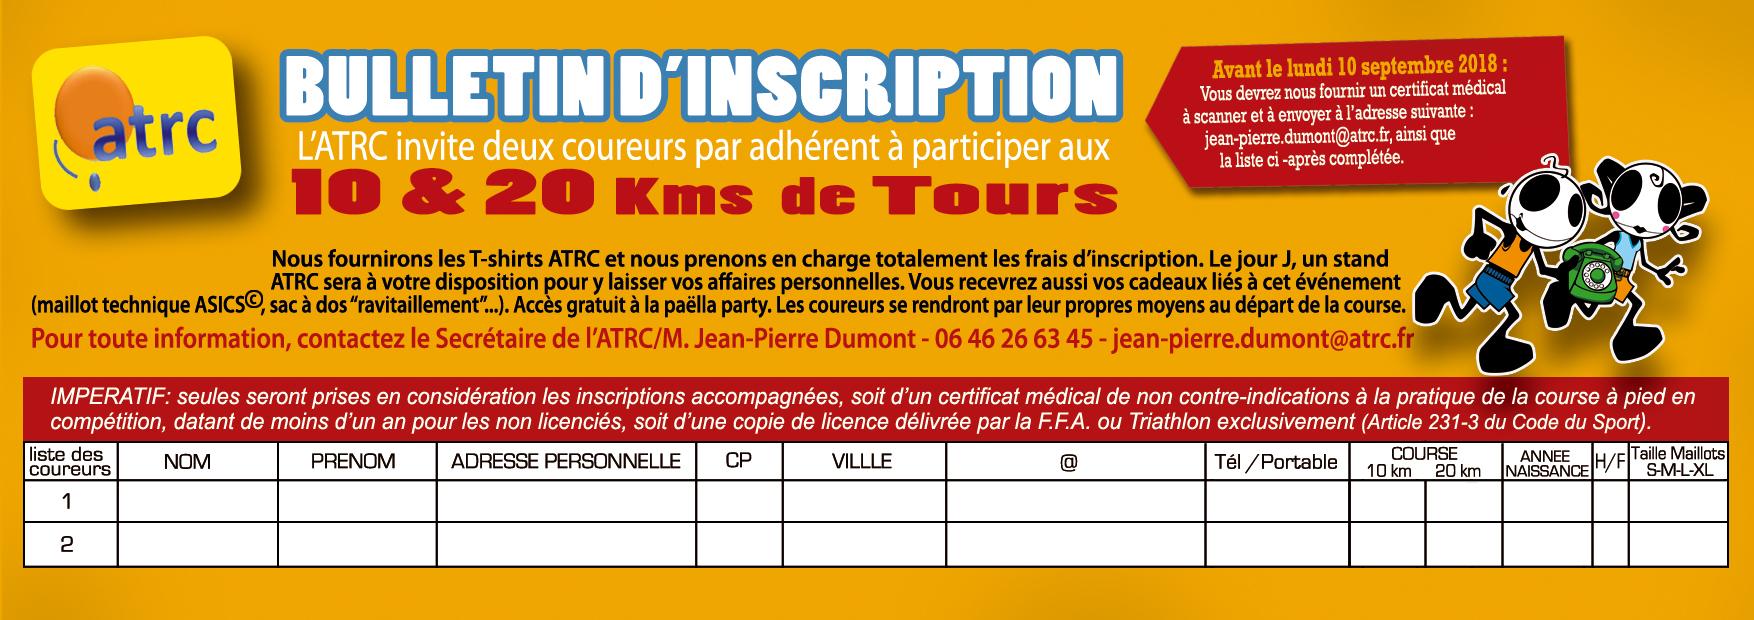 bulletin d'inscription 10&20kms de Tours ATRC 2018